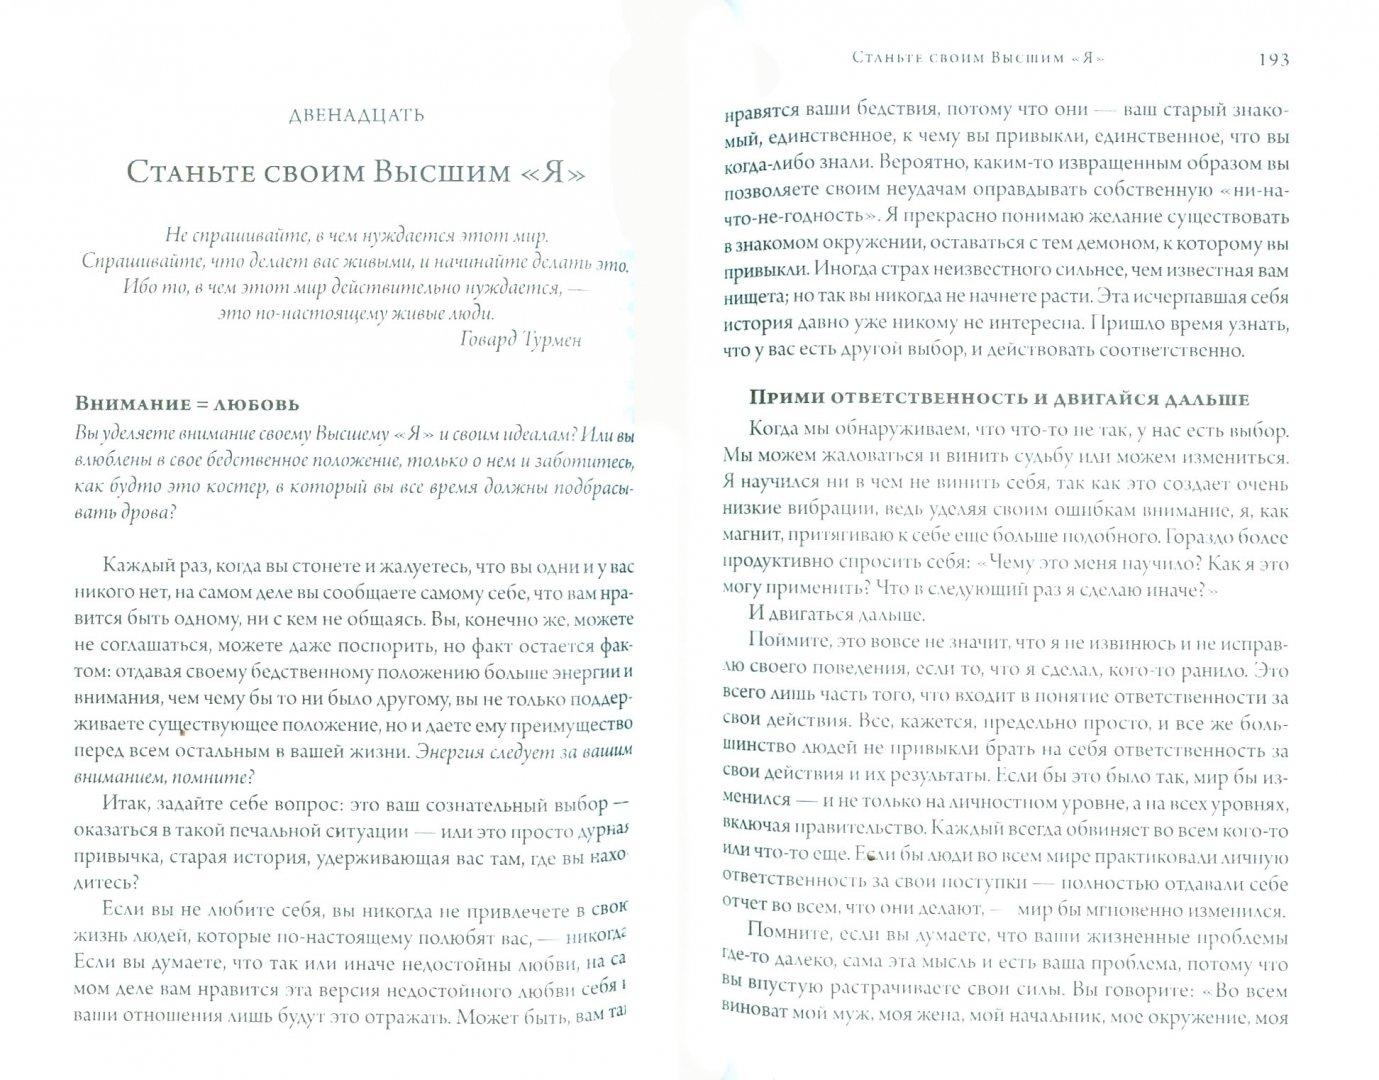 Иллюстрация 1 из 3 для Гармоничное Богатство: Секрет достижения истинного благополучия, успеха и благосостояния - Джеймс Рэй | Лабиринт - книги. Источник: Лабиринт